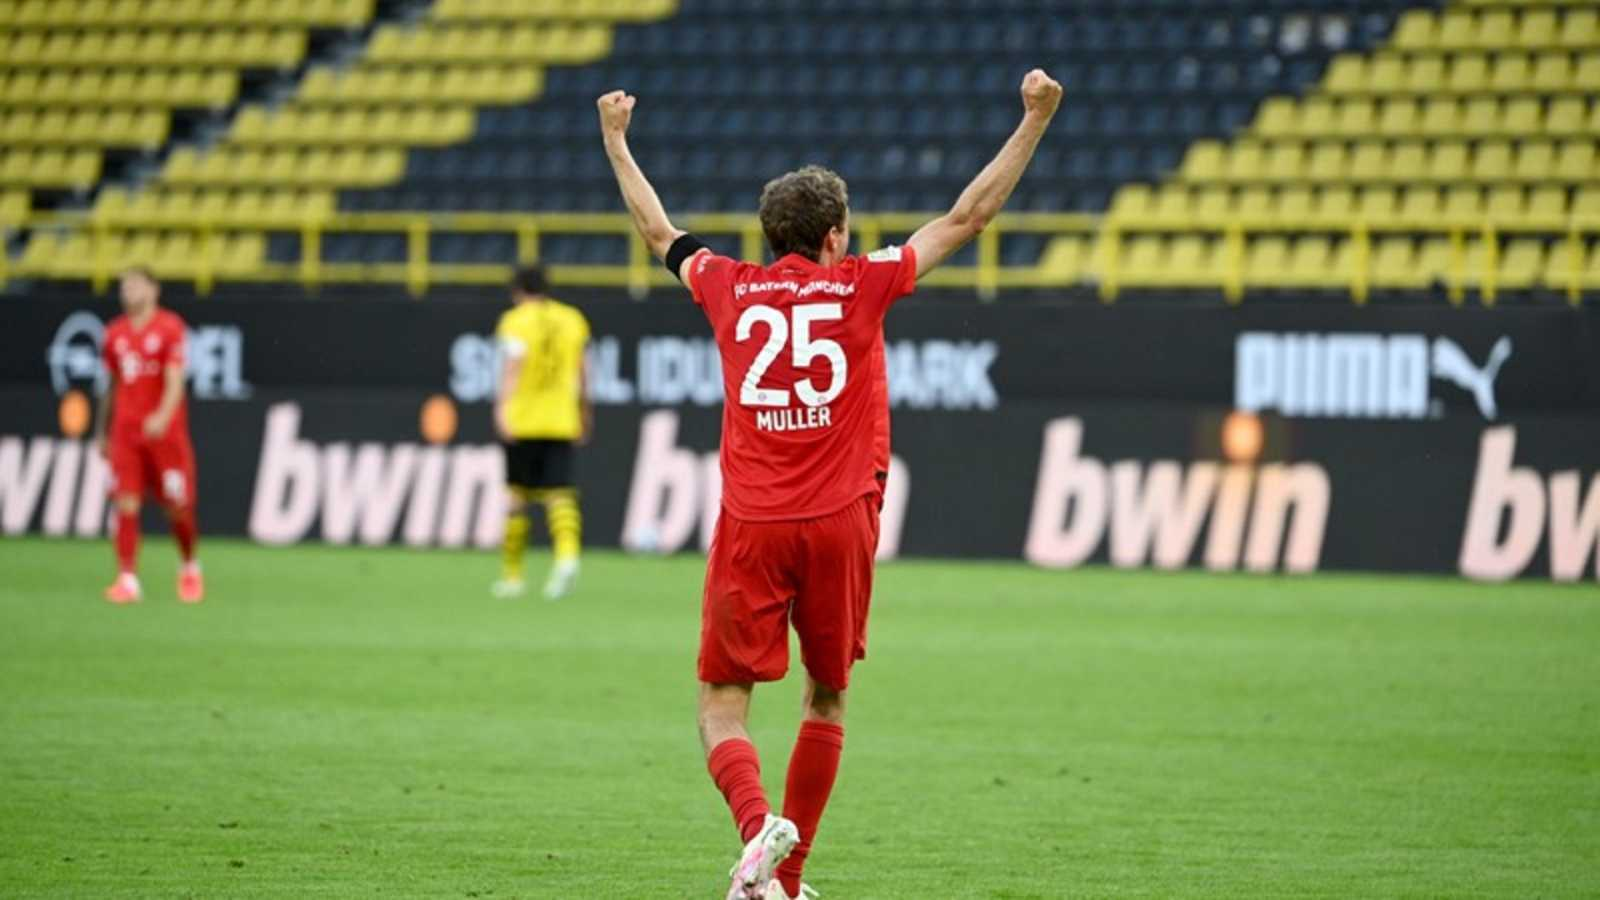 El vestuario en Radio 5 - El Bayern acaricia su octava Bundesliga consecutiva - 27/05/20 - Escuchar ahora